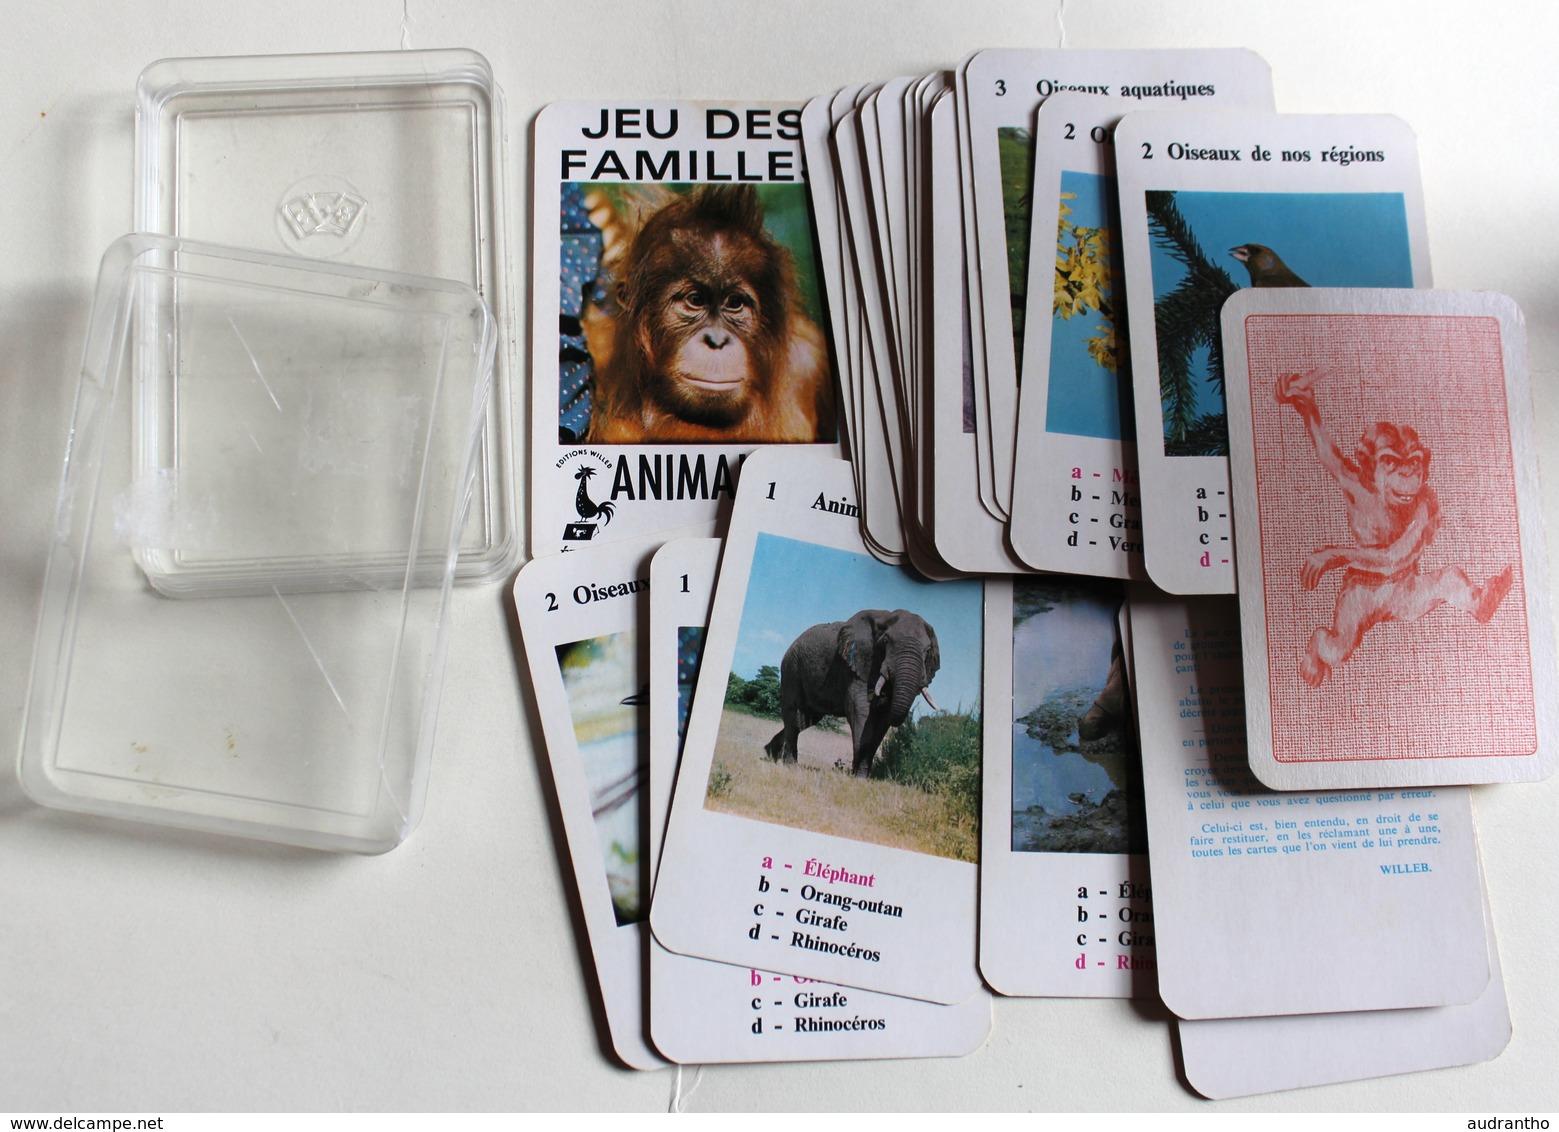 Ancien Jeu Des 7 Familles Les Animaux Marque WILLEB - Cartes à Jouer